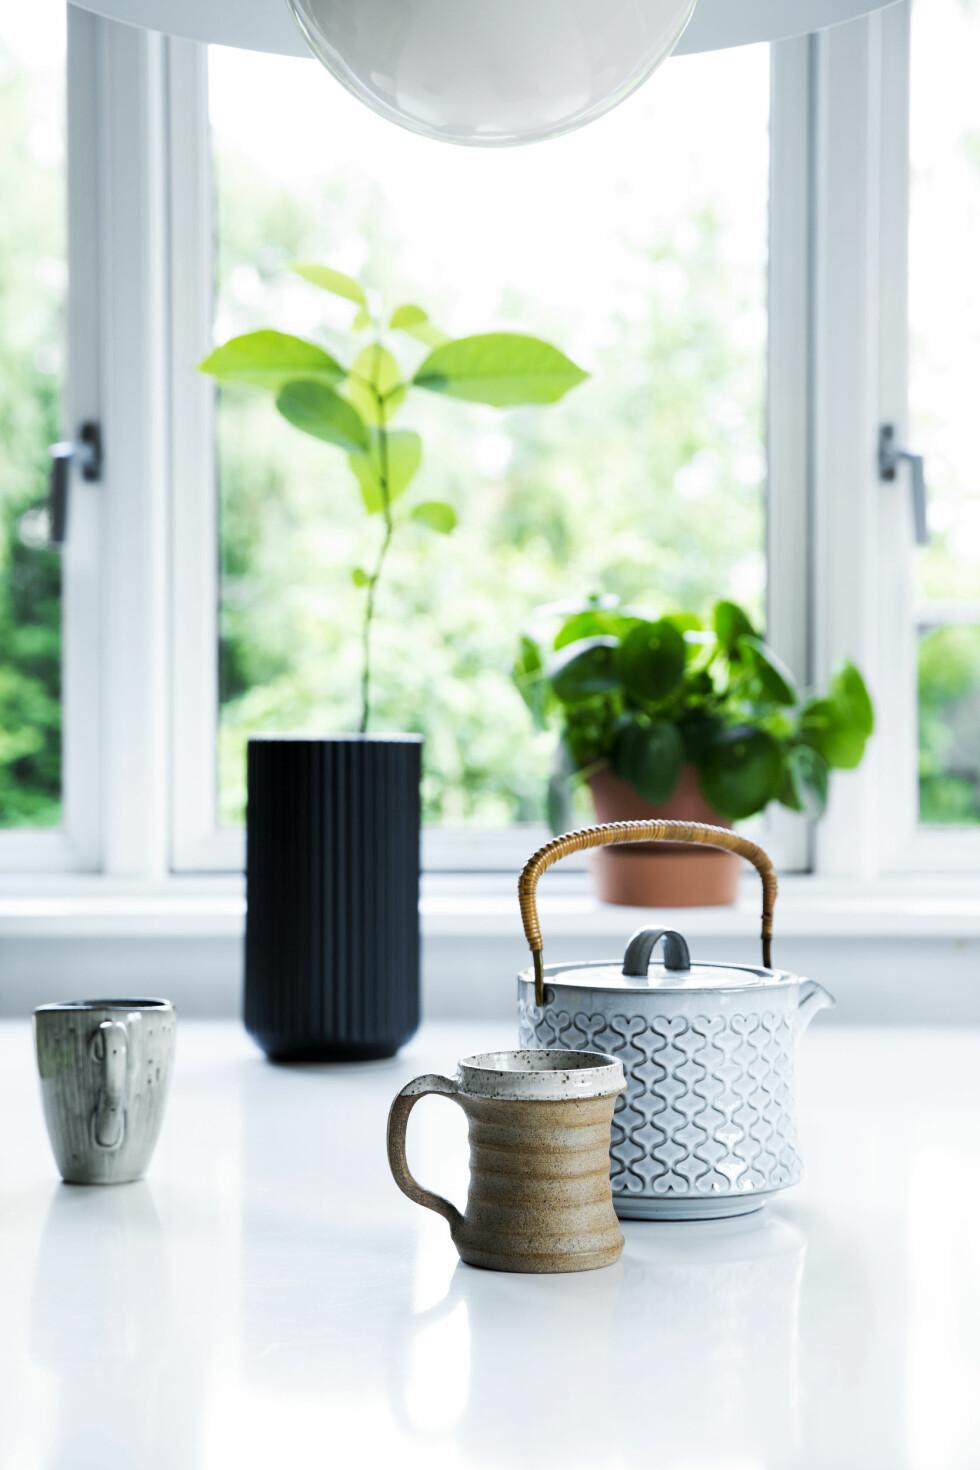 SVART DETALJ: Loppisfunn og en svart vase fra Lyngby by Hilfling. Foto: Tia Borgsmidt